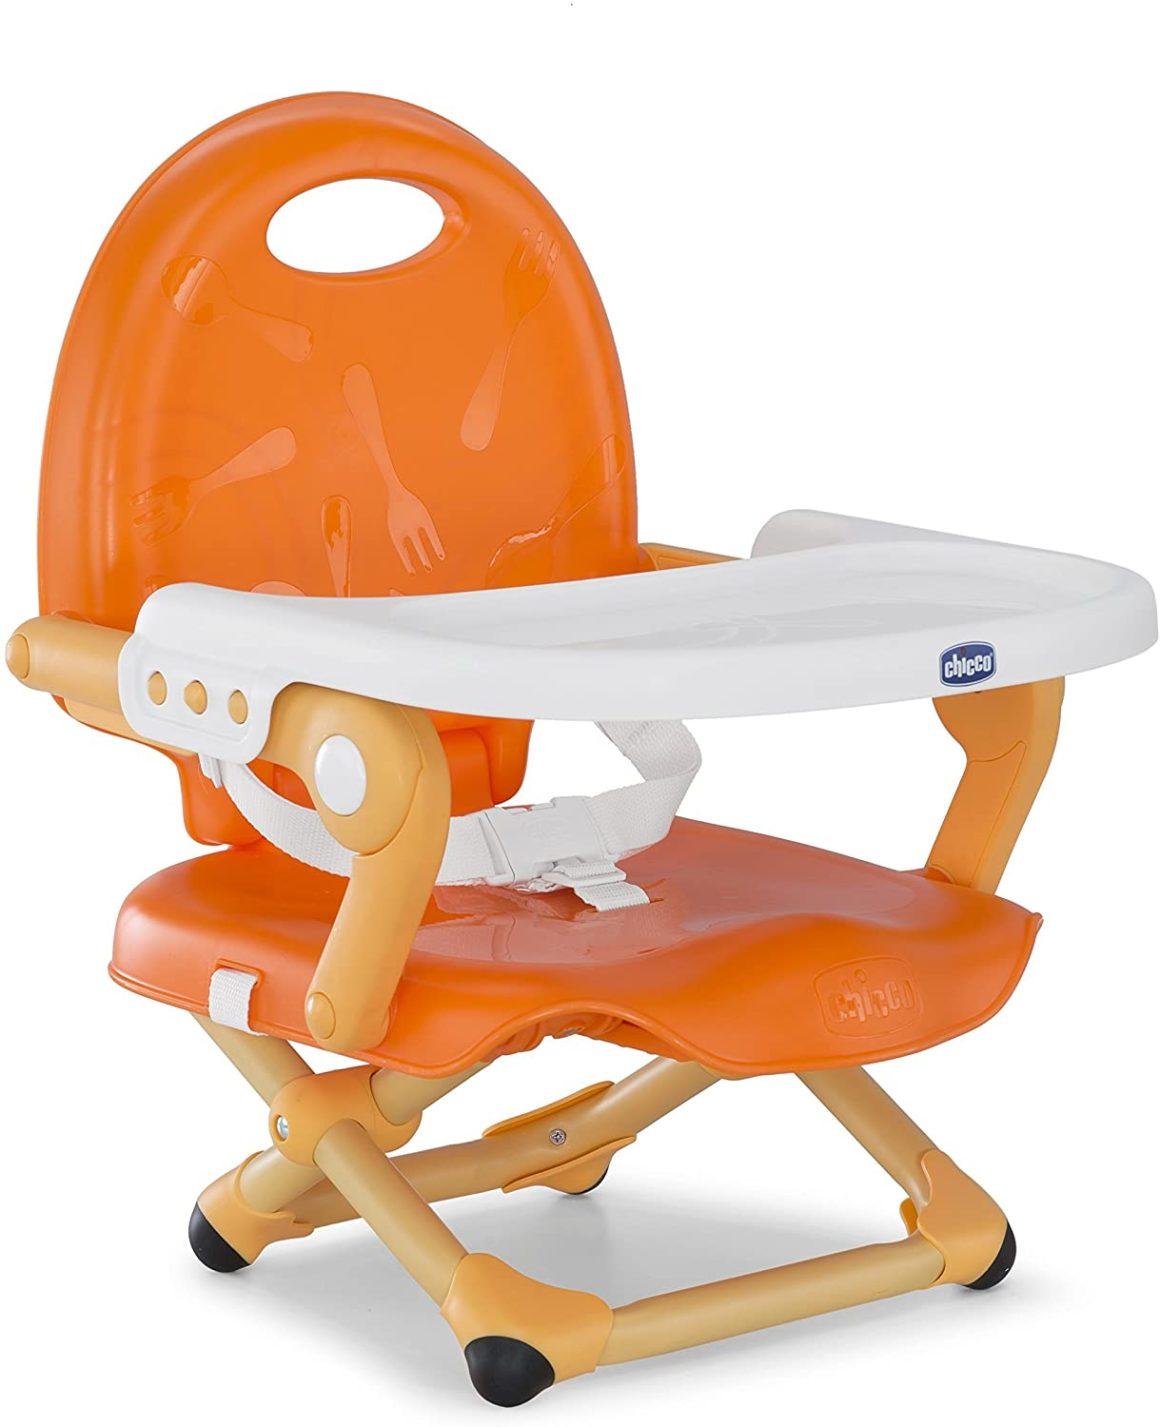 Seggiolino per neonati arancione mandarino